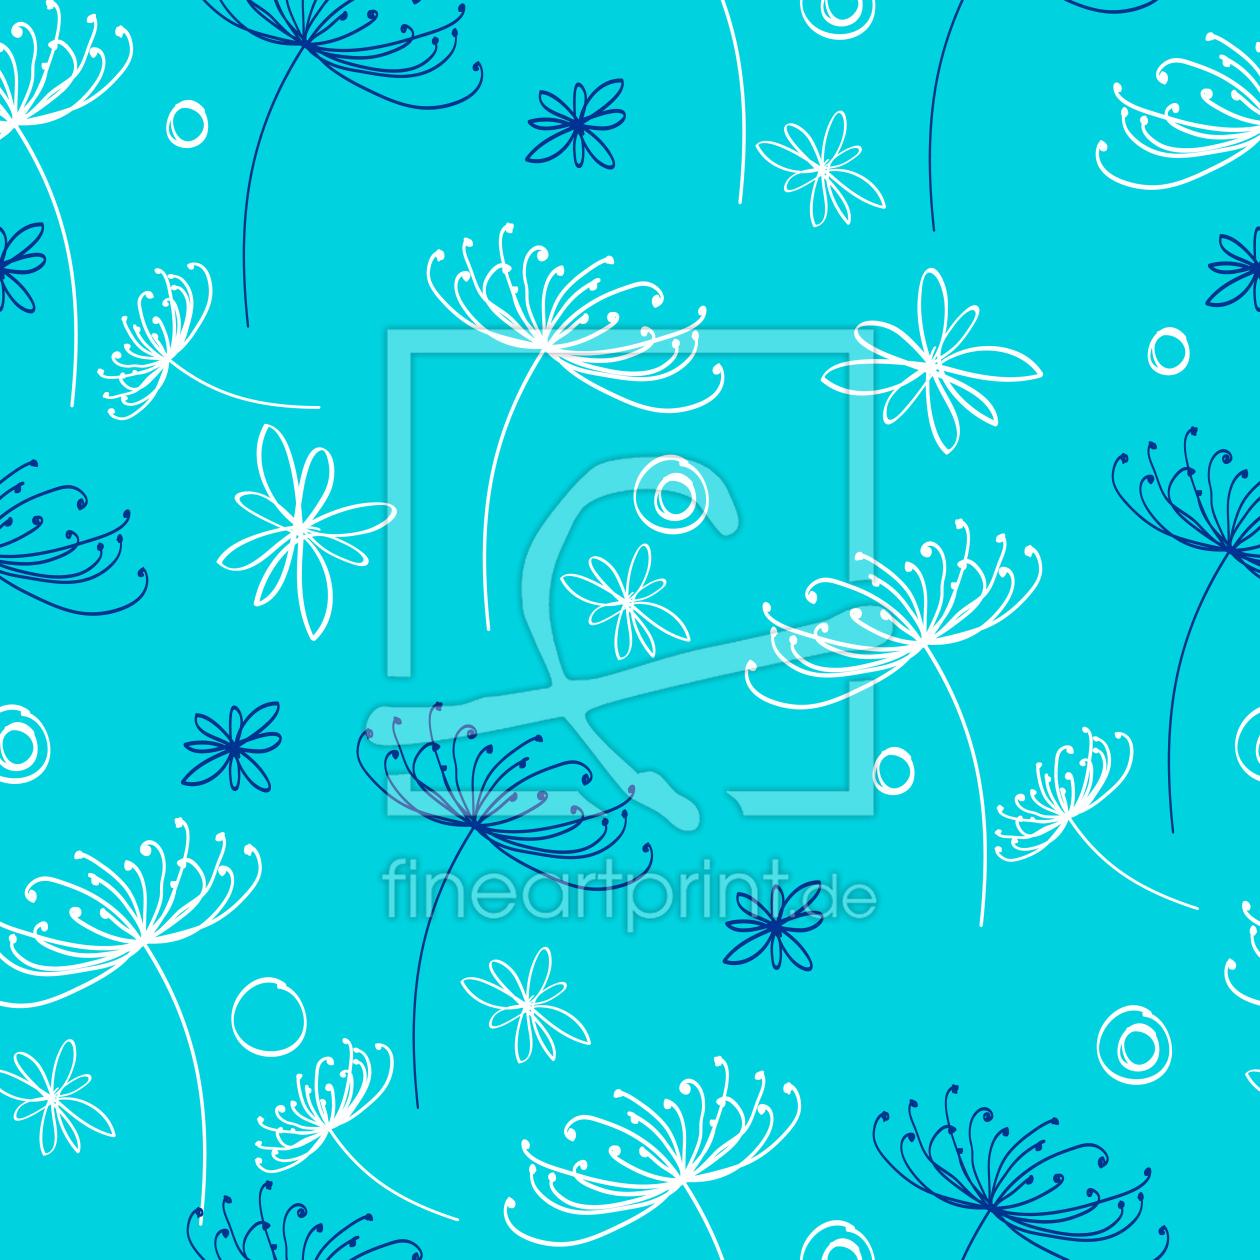 wildblumen als leinwand von patterndesigns com erh lt. Black Bedroom Furniture Sets. Home Design Ideas